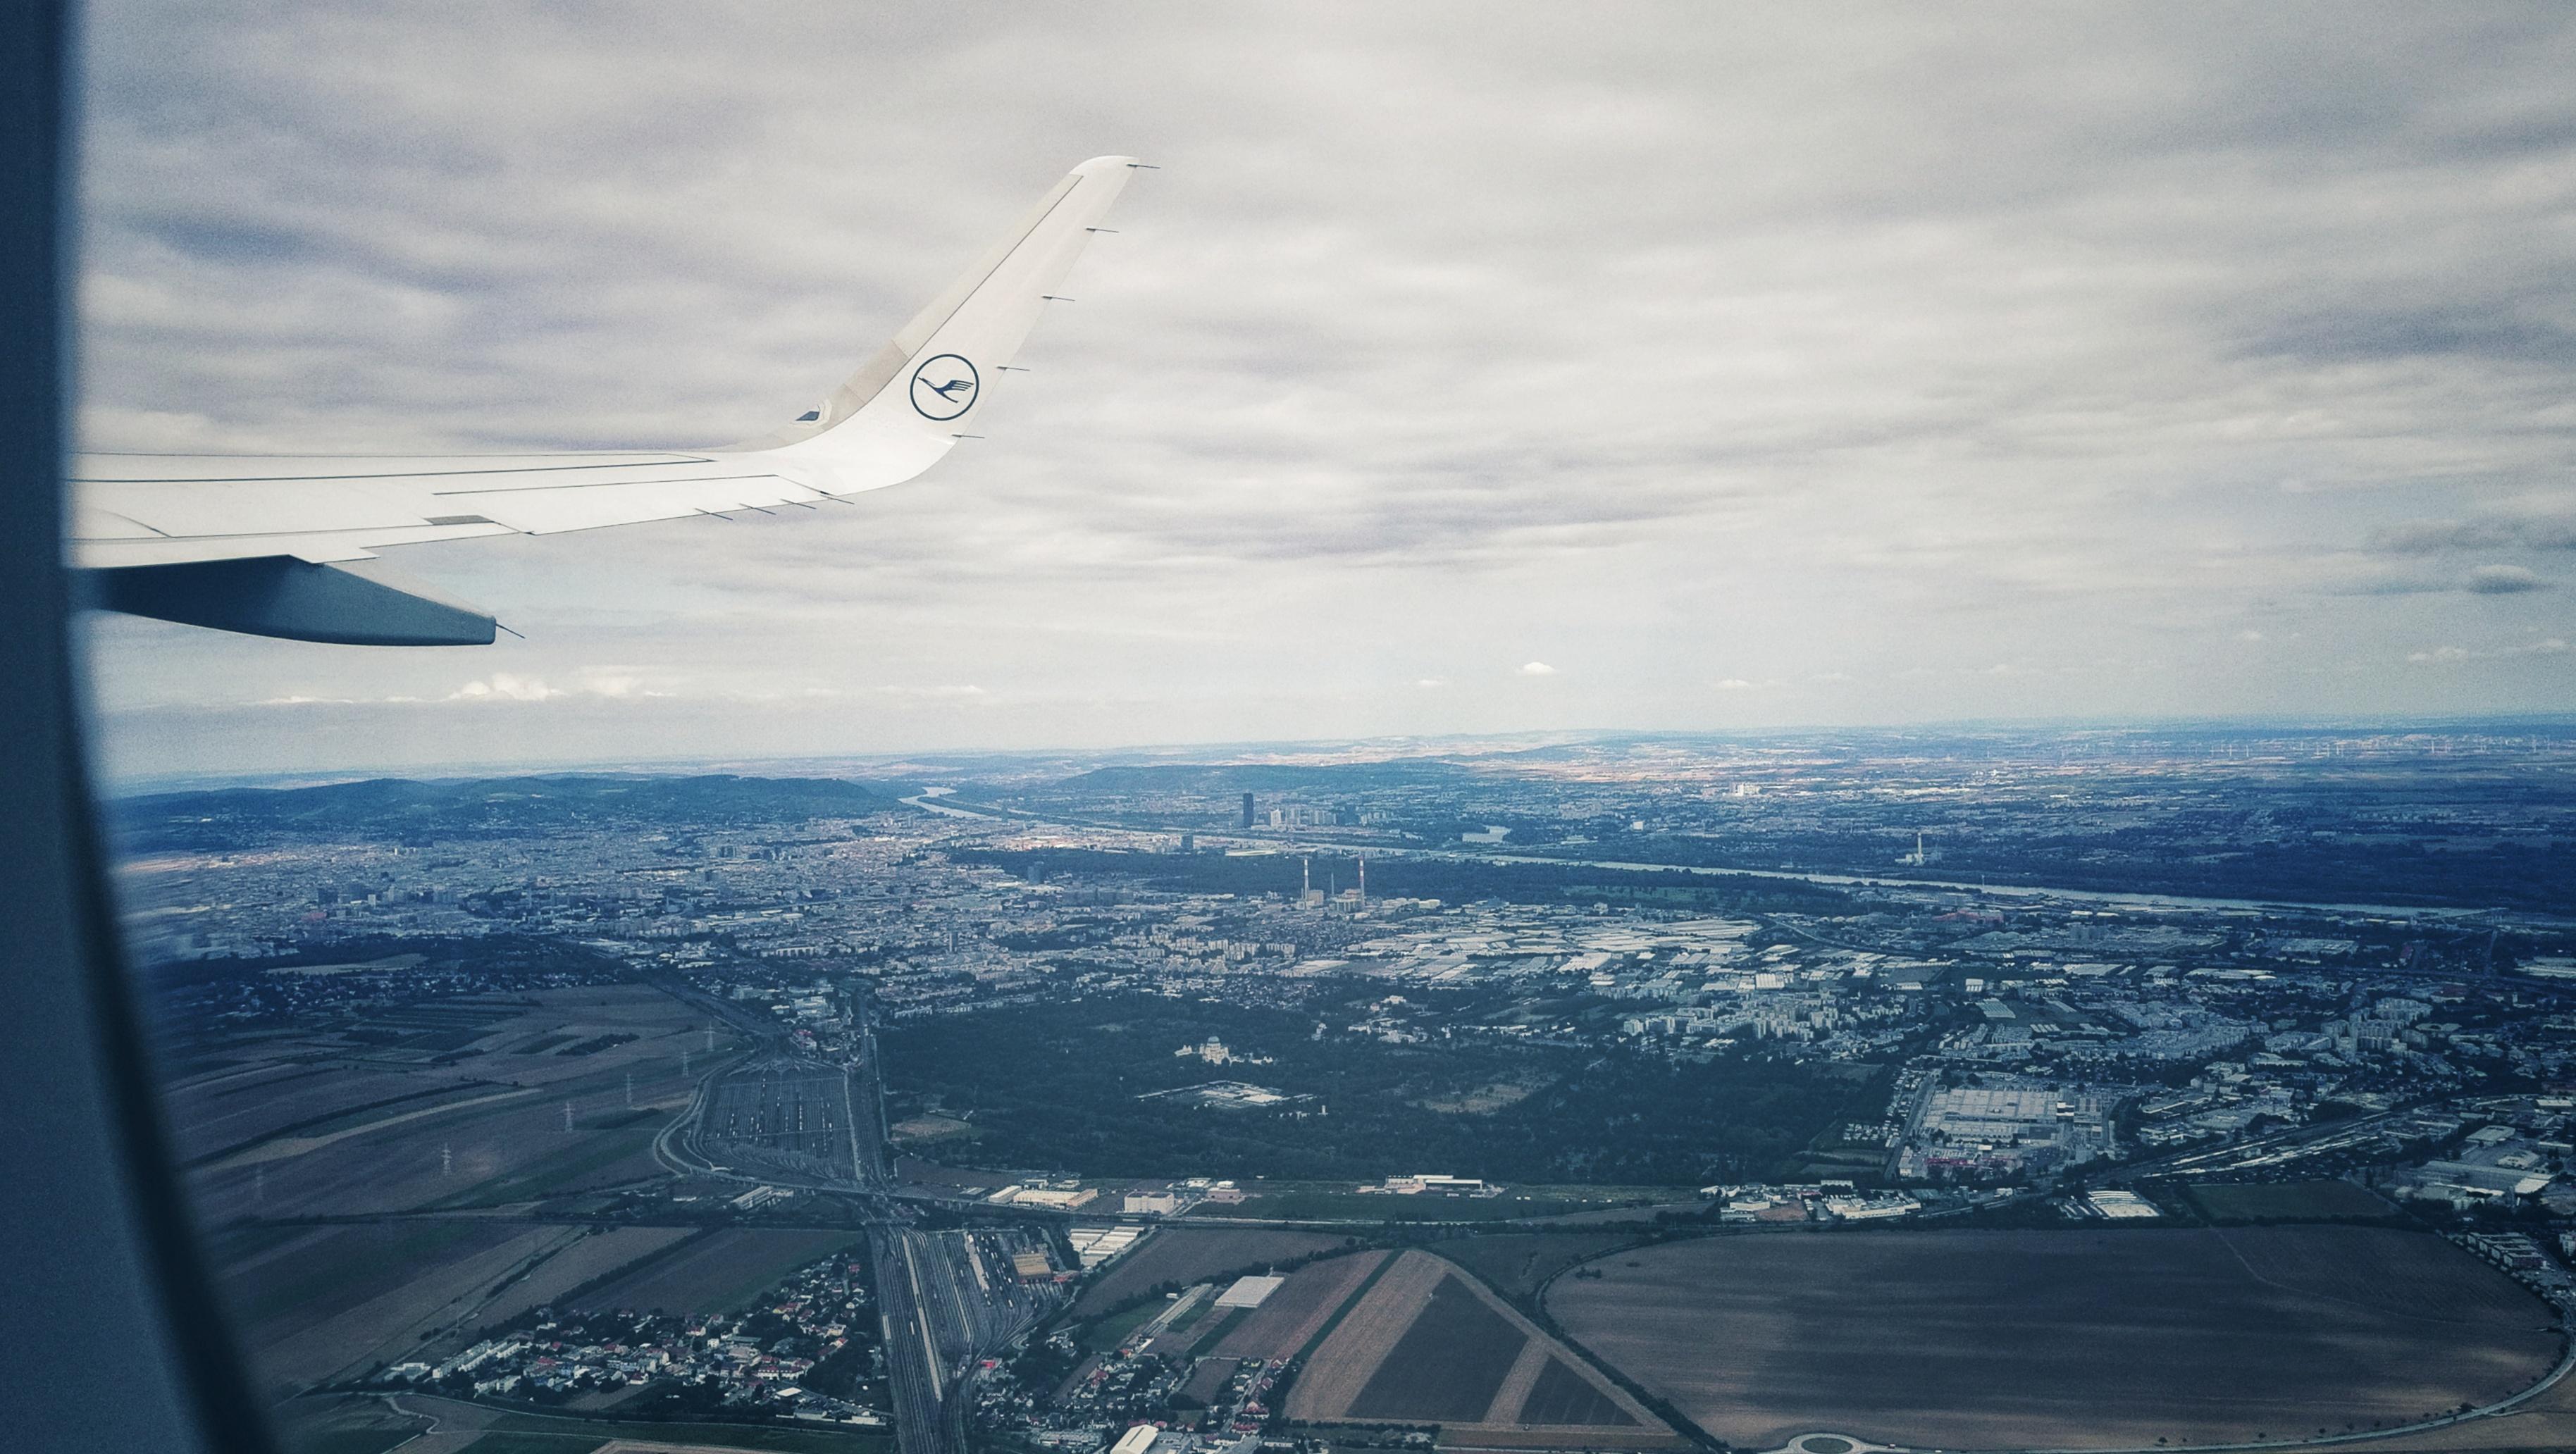 Airborne 5